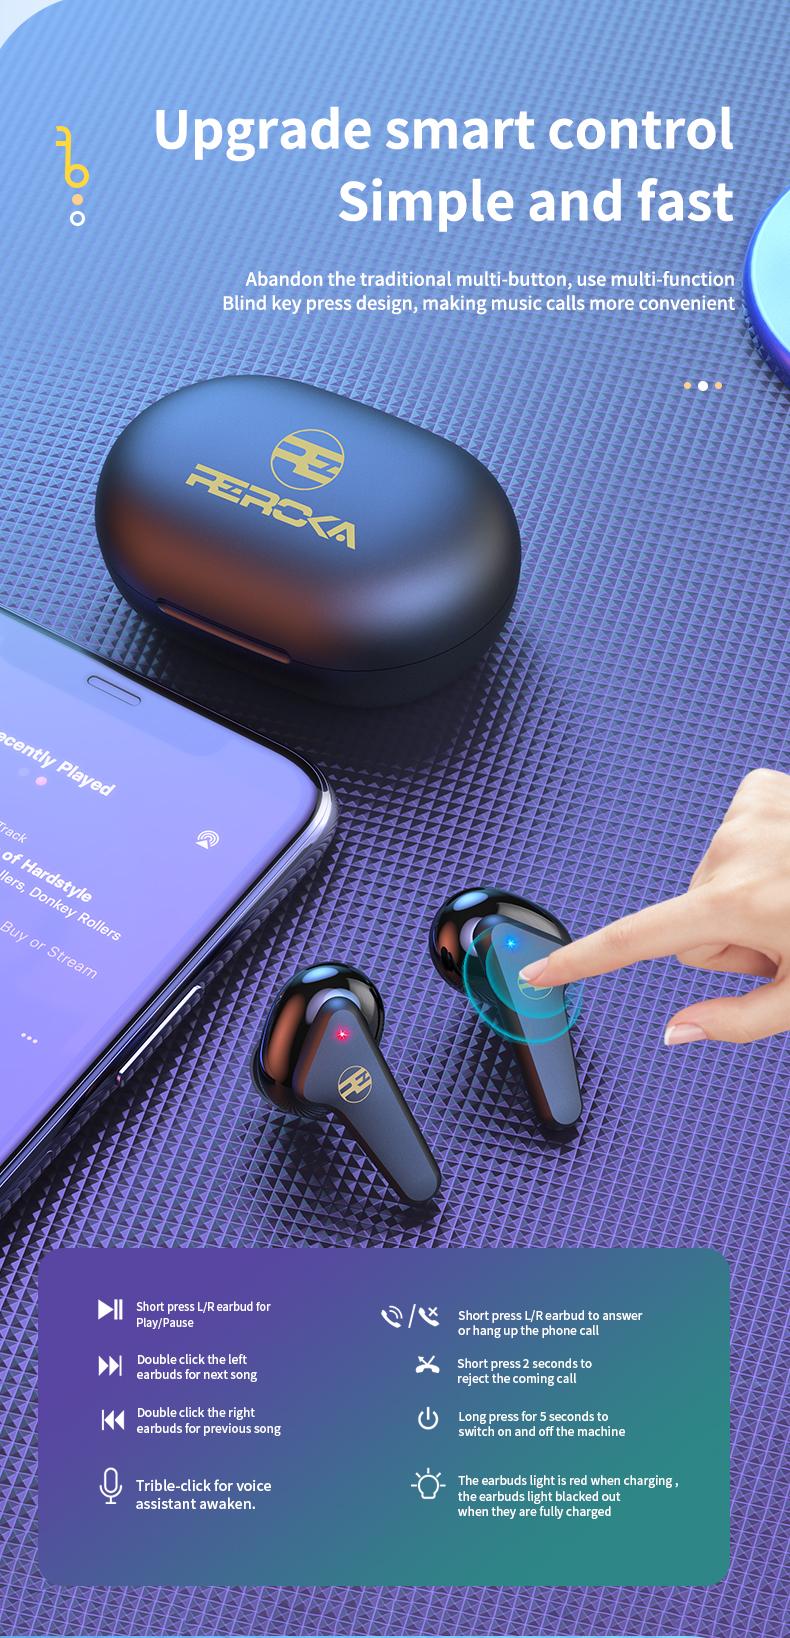 Tai Nghe Bluetooth V5.0 True Wireless Không Dây Reroka Torpedo 2021 Cảm Ứng Vân Tay Âm Thanh Hi-Fi  Bass Căng Trầm Pin Trâu Hiển Thị Mức Pin Đèn Led Chống Ồn Chống Nước Đổi Tên Thiết Bị Kiểu Giáng Thể Thao Đeo Chắc Tai 3 Màu Trắng Hồng Đen- Hàng Chính Hãng11